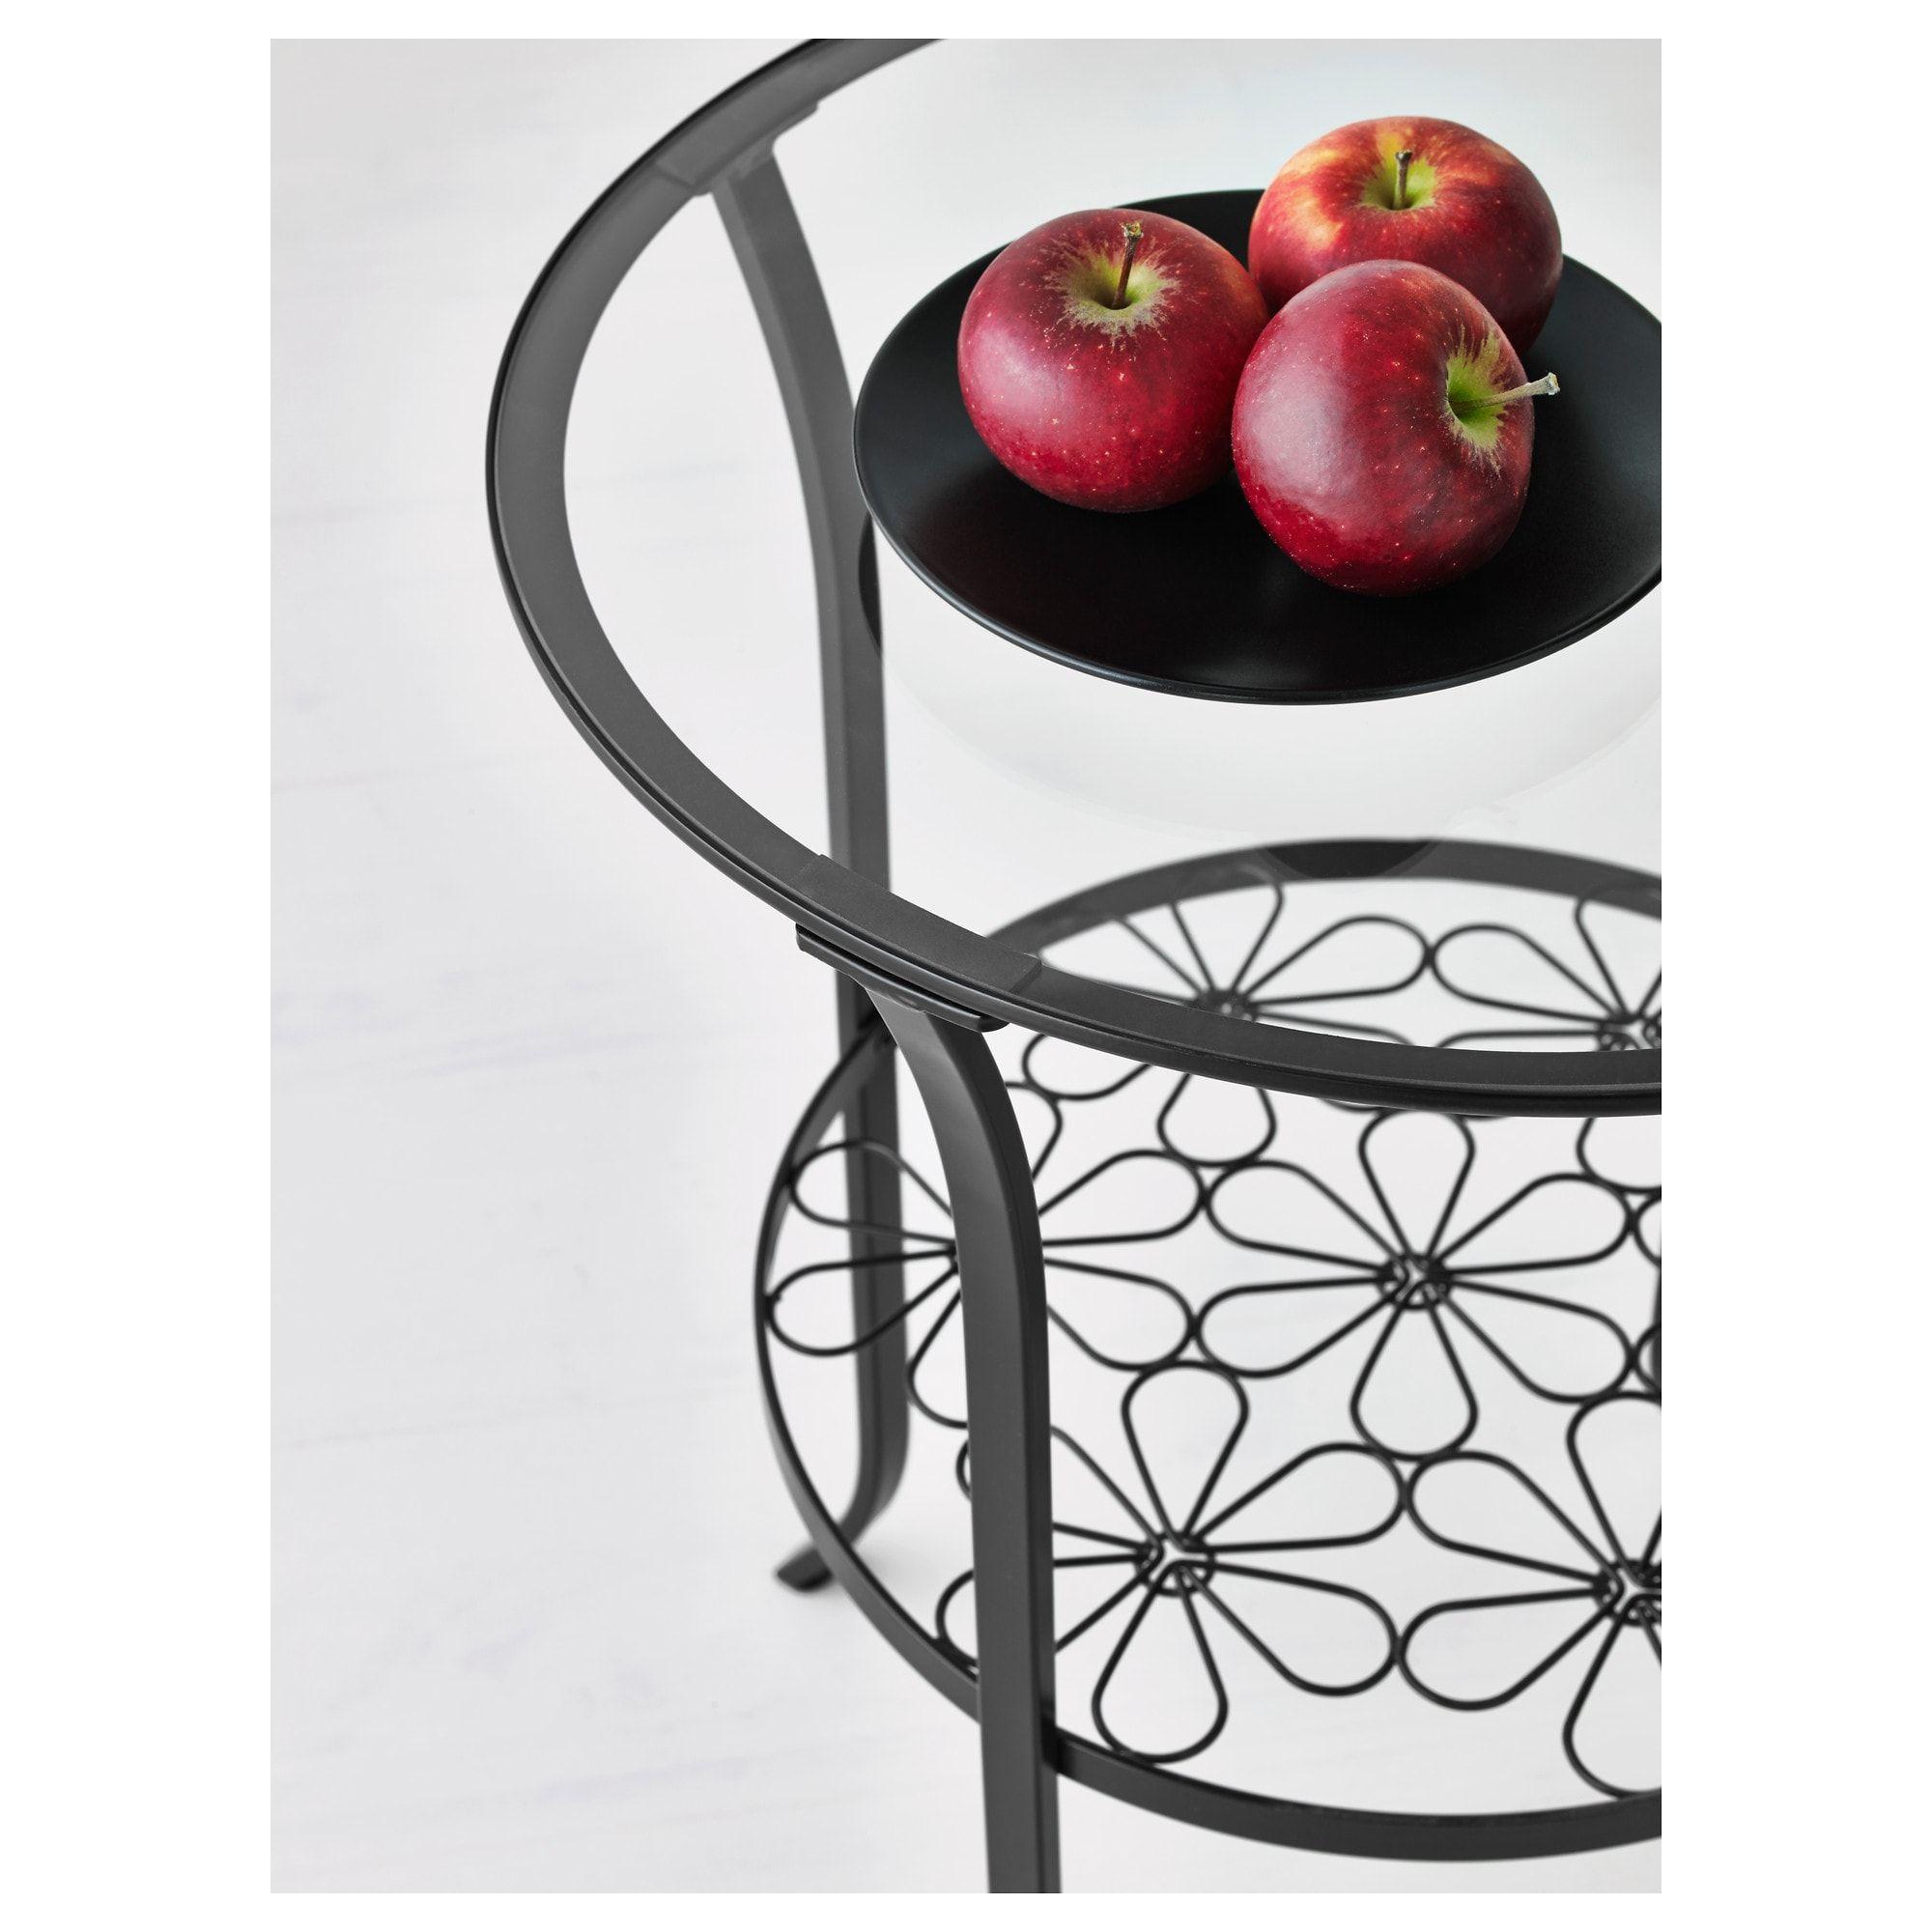 Klingsbo Side Table Black Clear Glass 49x62 Cm 19 1 4x24 3 8 In 2020 Black Glass Side Table Glass Side Tables Ikea [ 2000 x 2000 Pixel ]